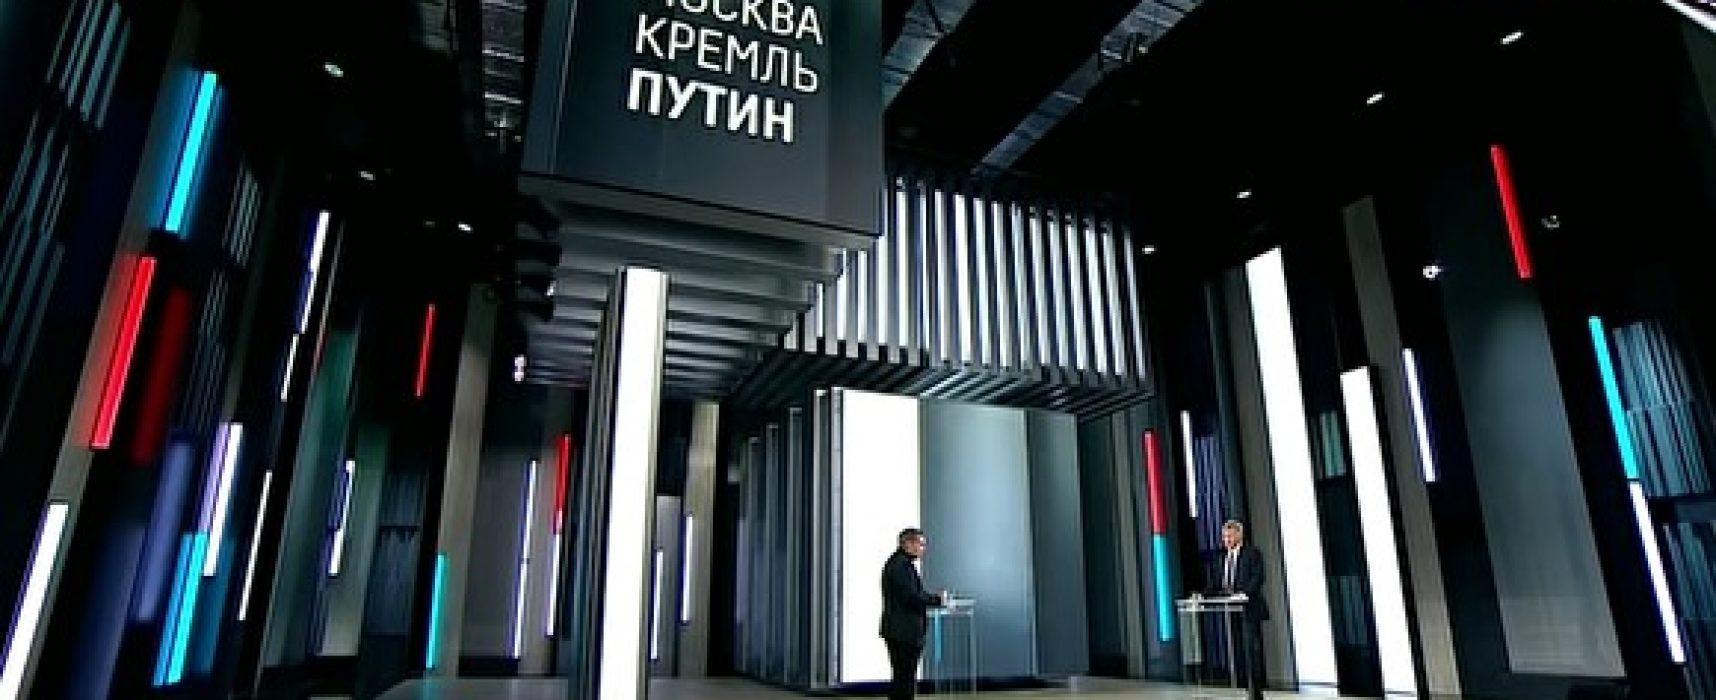 «Очень человечный человек»: На канале «Россия 1» вышла новая программа Соловьева — целый час о Путине